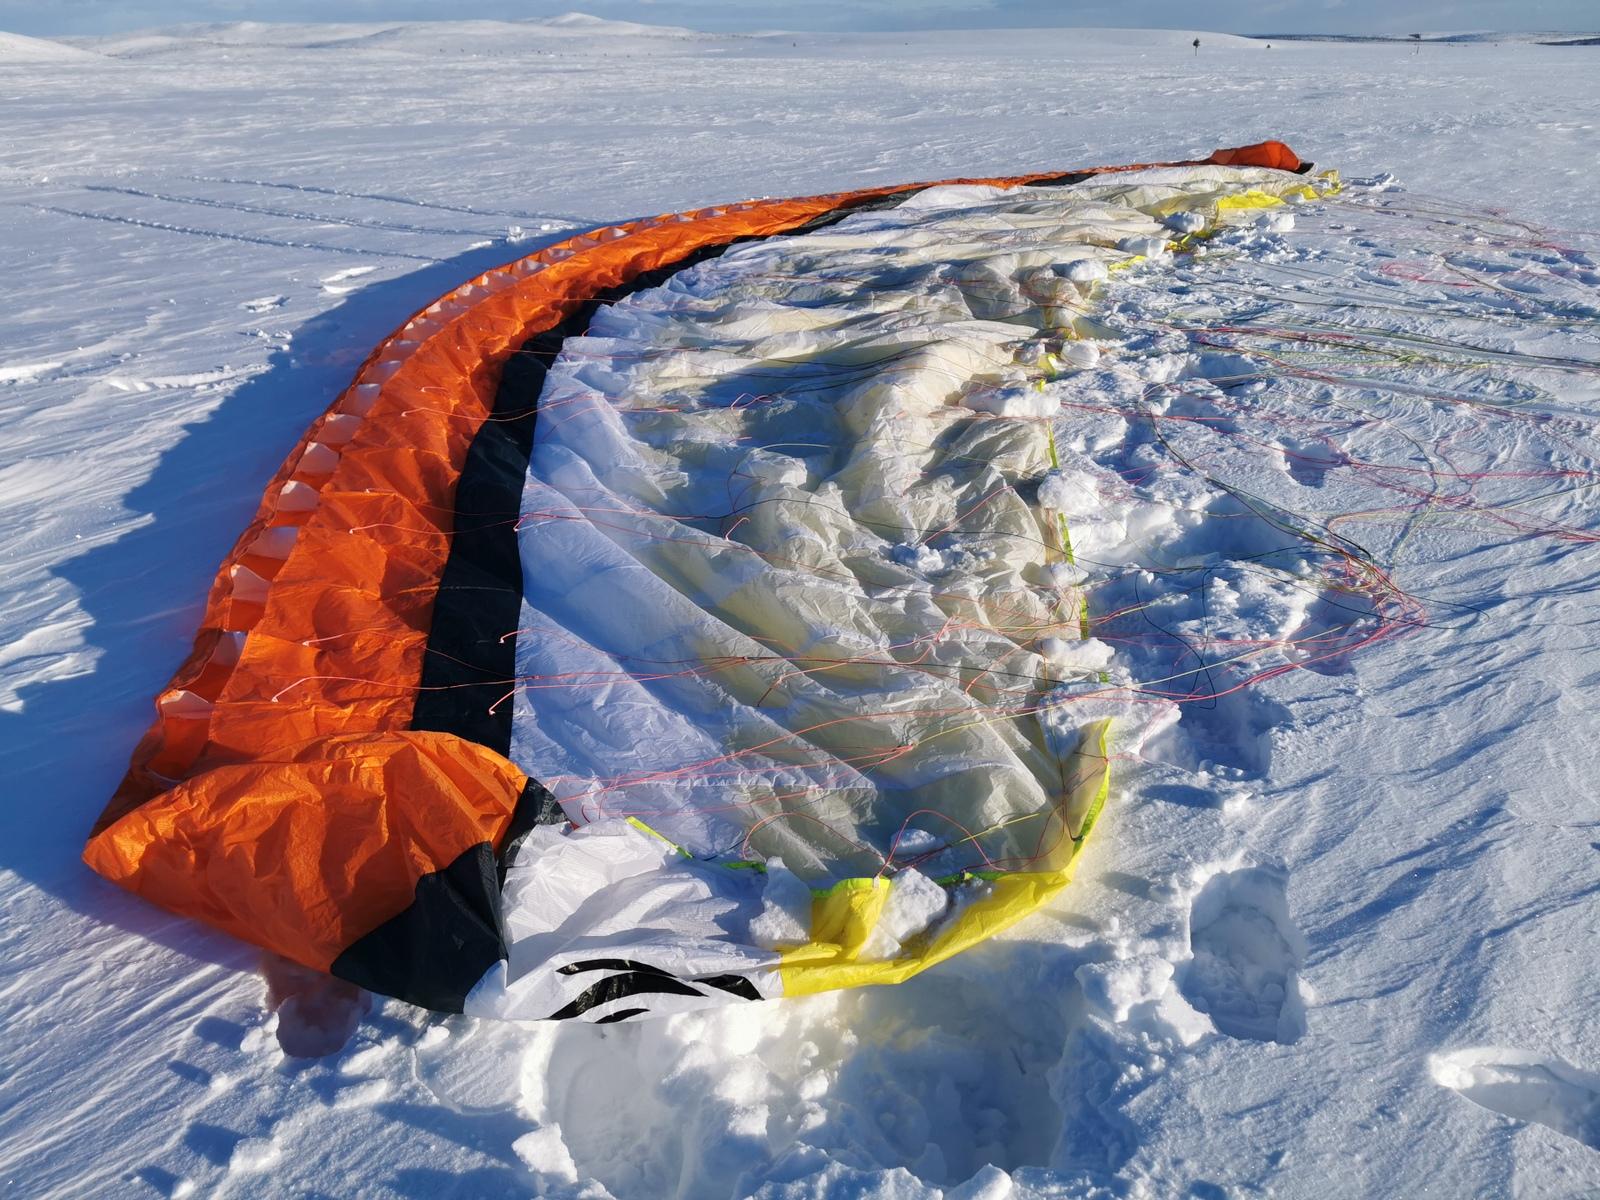 Tuuli oli voimistunut iltaa kohti, joten siipi piti lumella painottaa starttia varten.